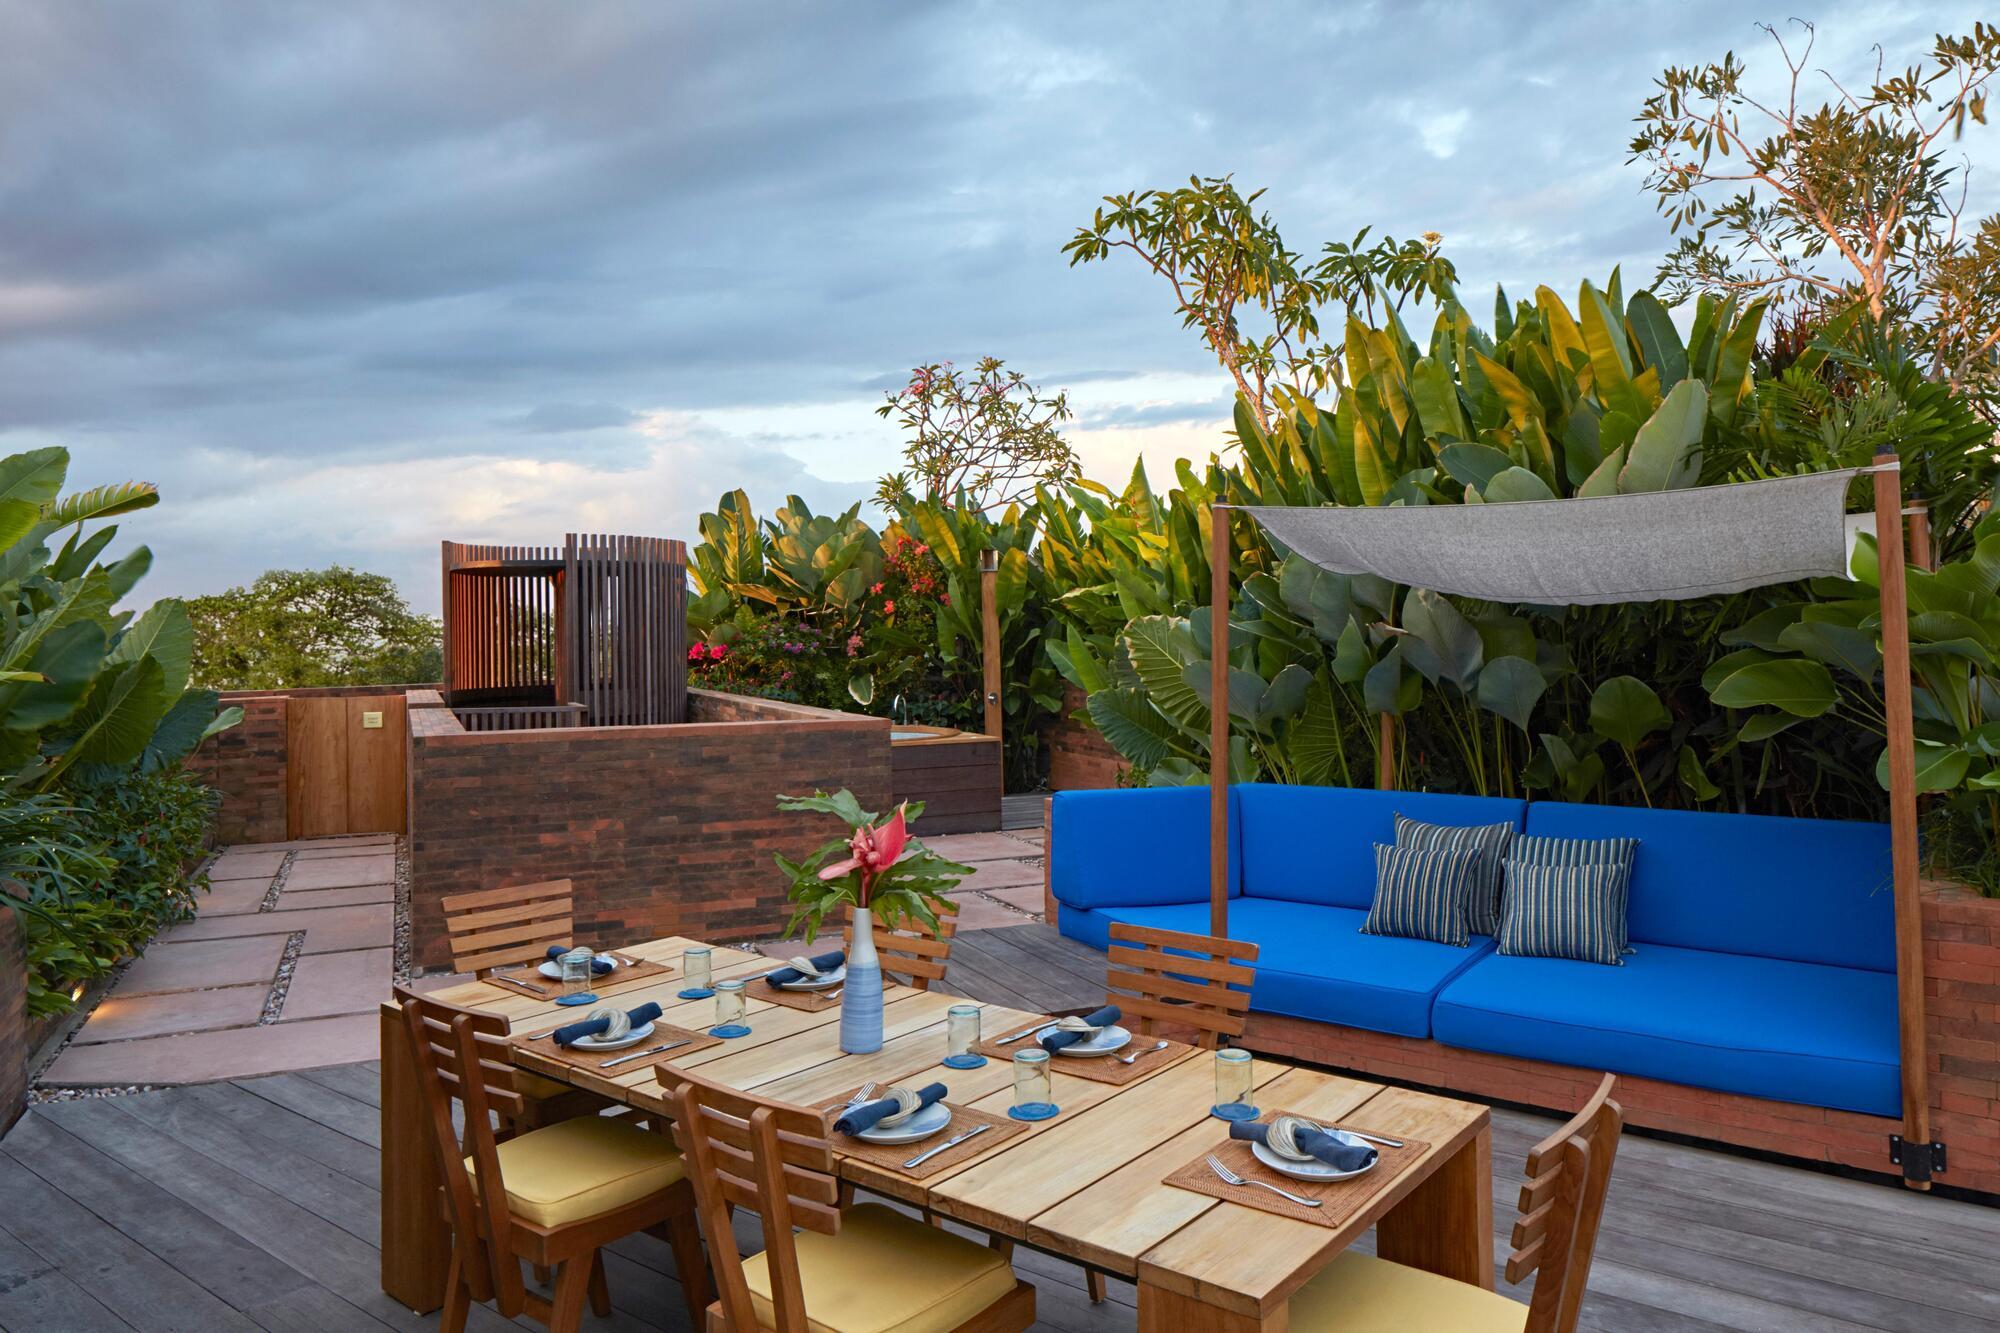 Katamama Hotel Image 11